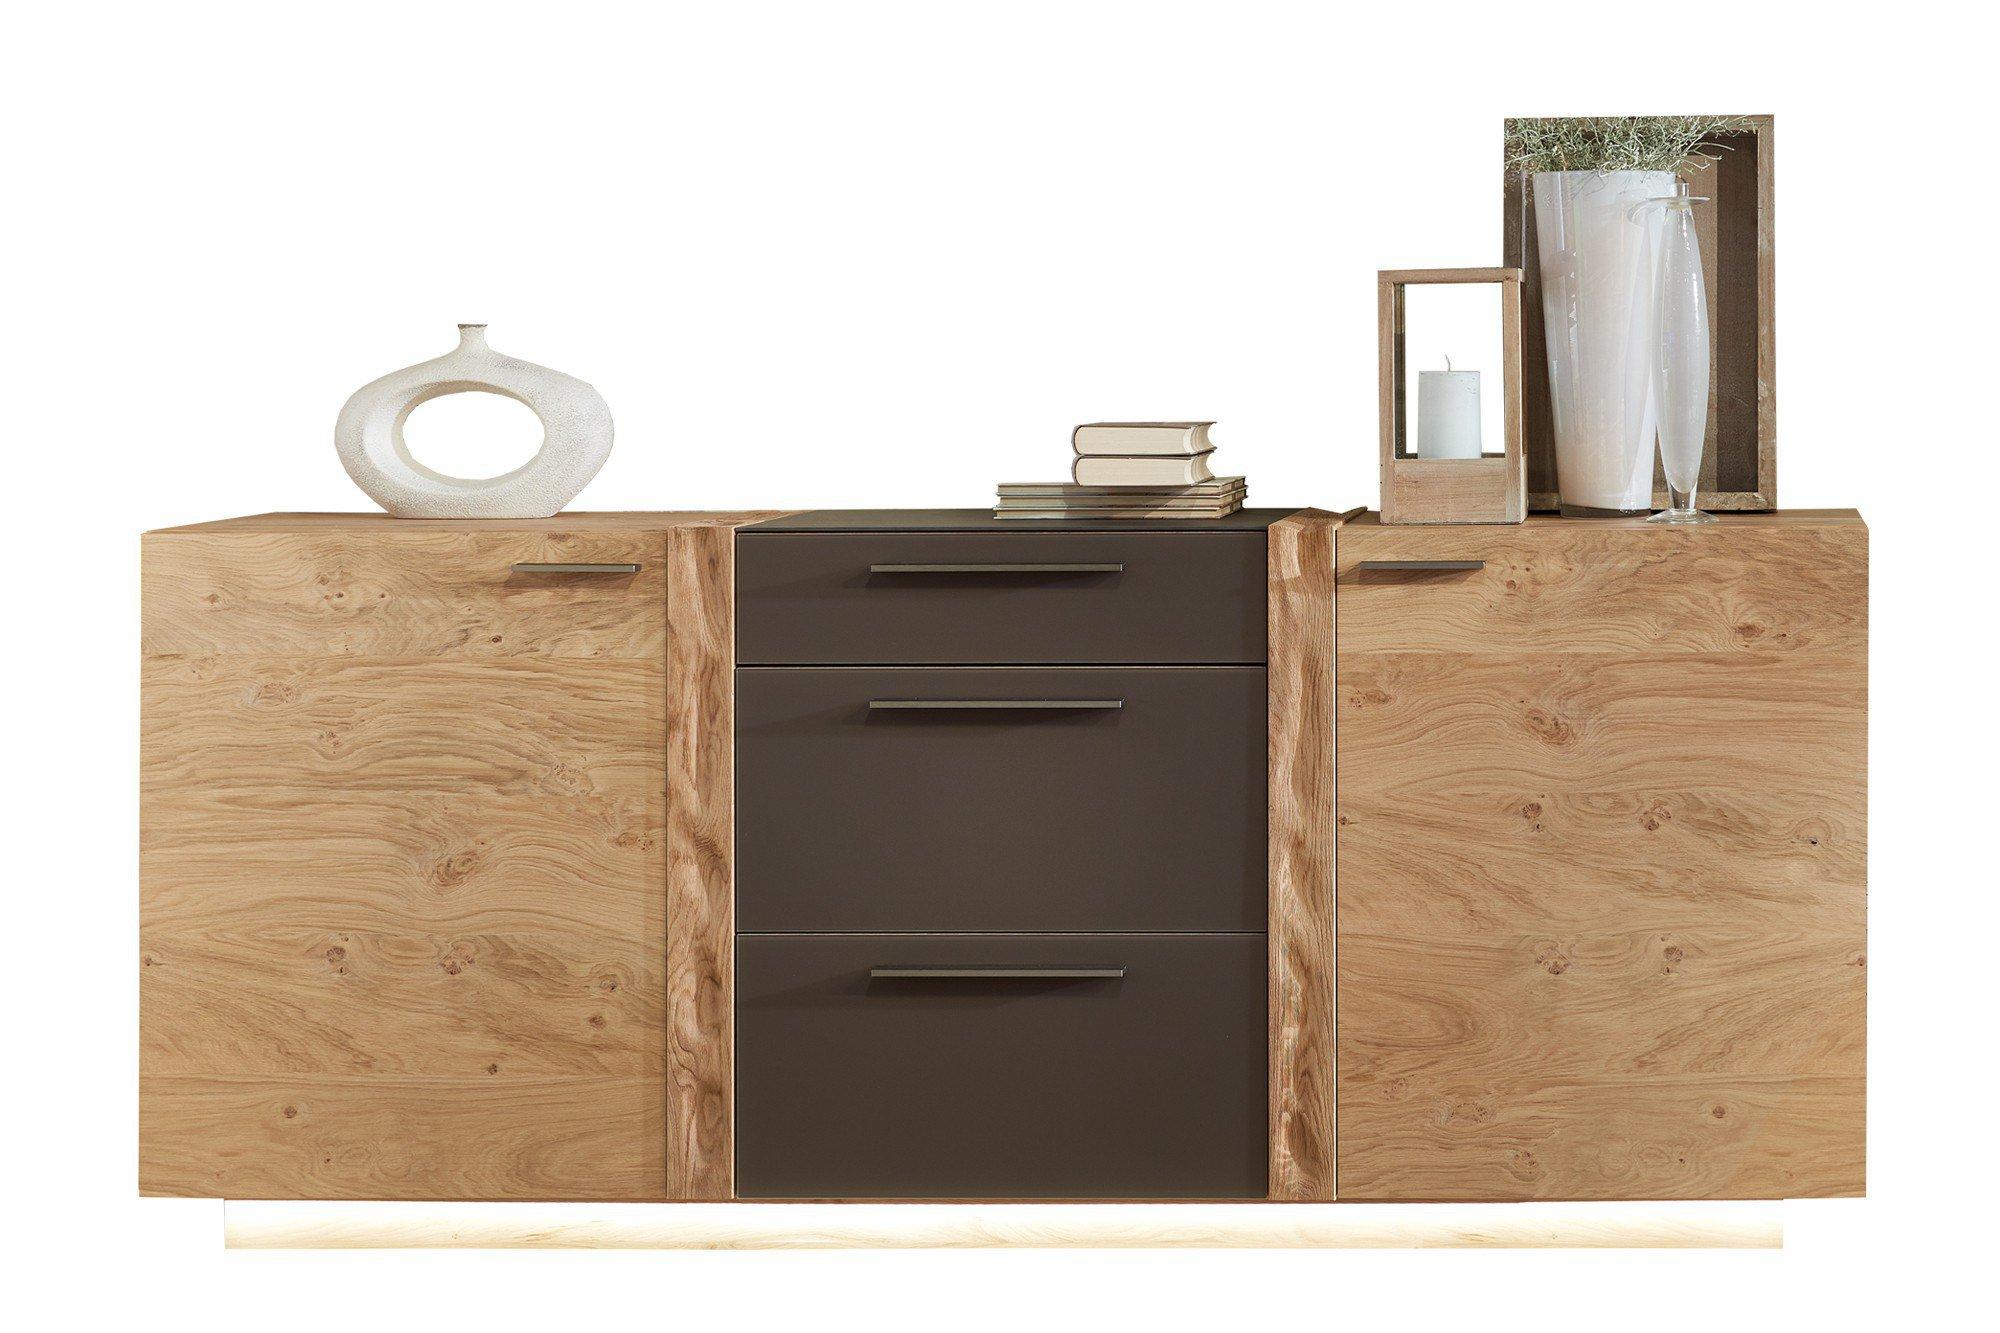 schr der m bel sideboard kitzalm alpin wildasteiche glas terra m bel letz ihr online shop. Black Bedroom Furniture Sets. Home Design Ideas